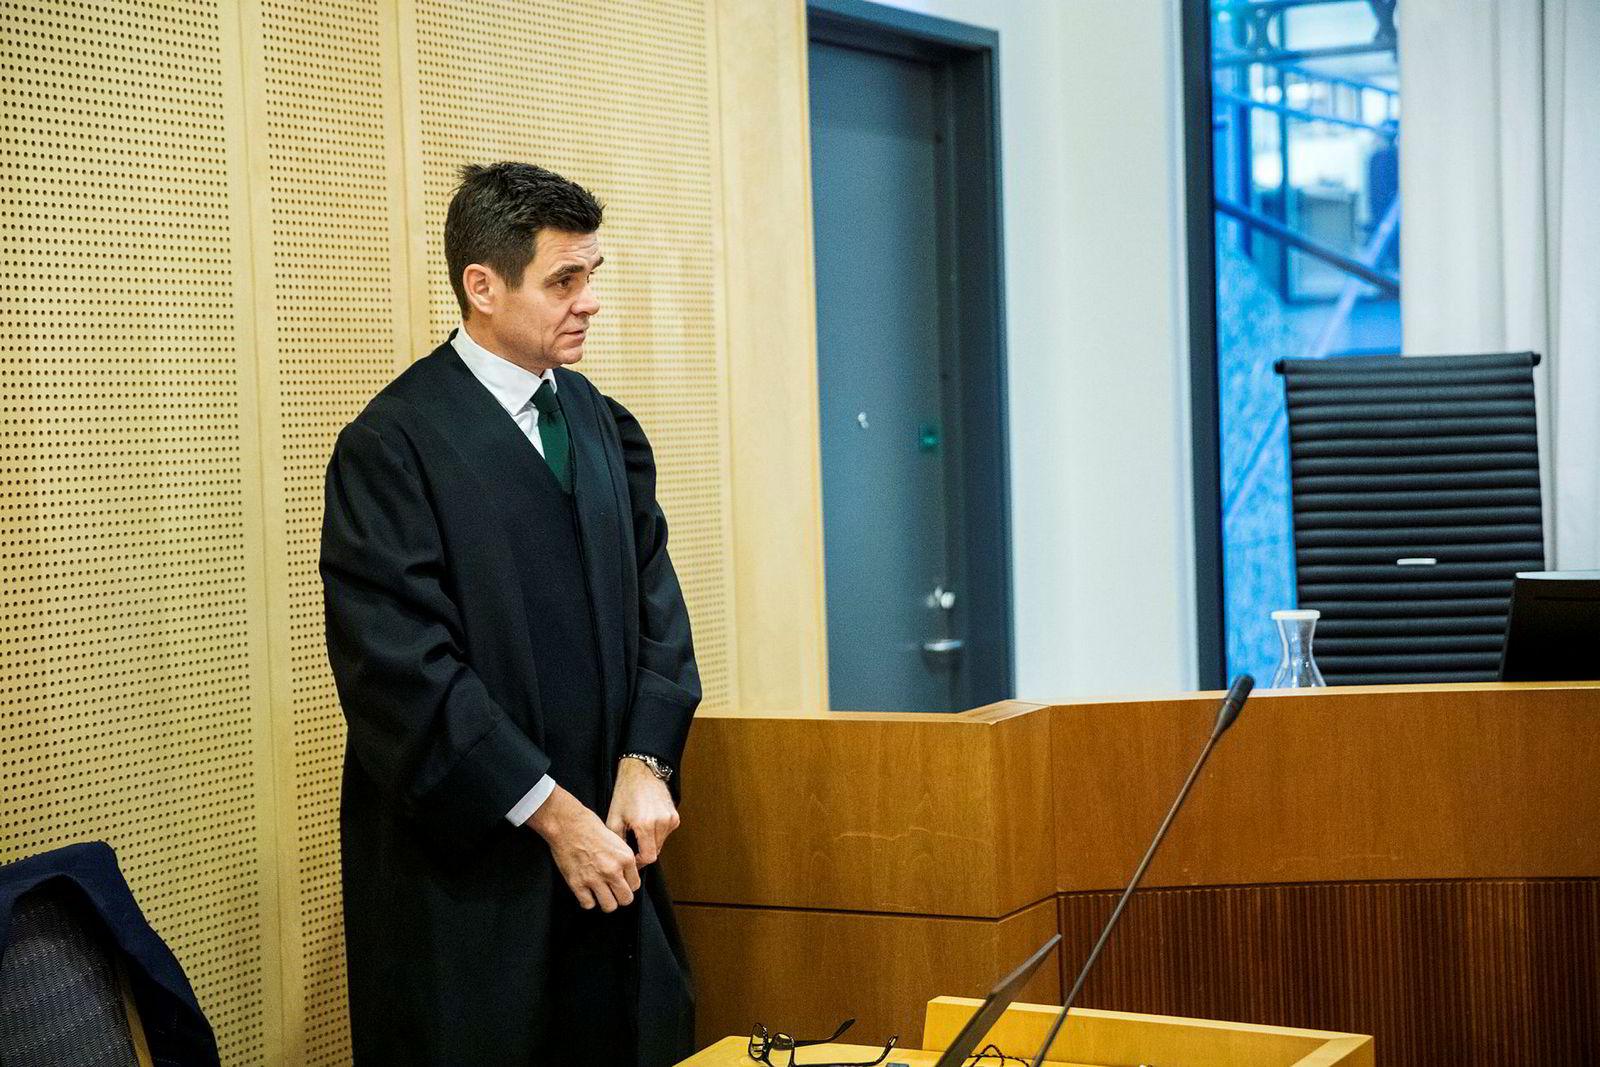 Advokat Fredrik Berg representerer Tidal i saken. Her fra en tidligere rettssak.